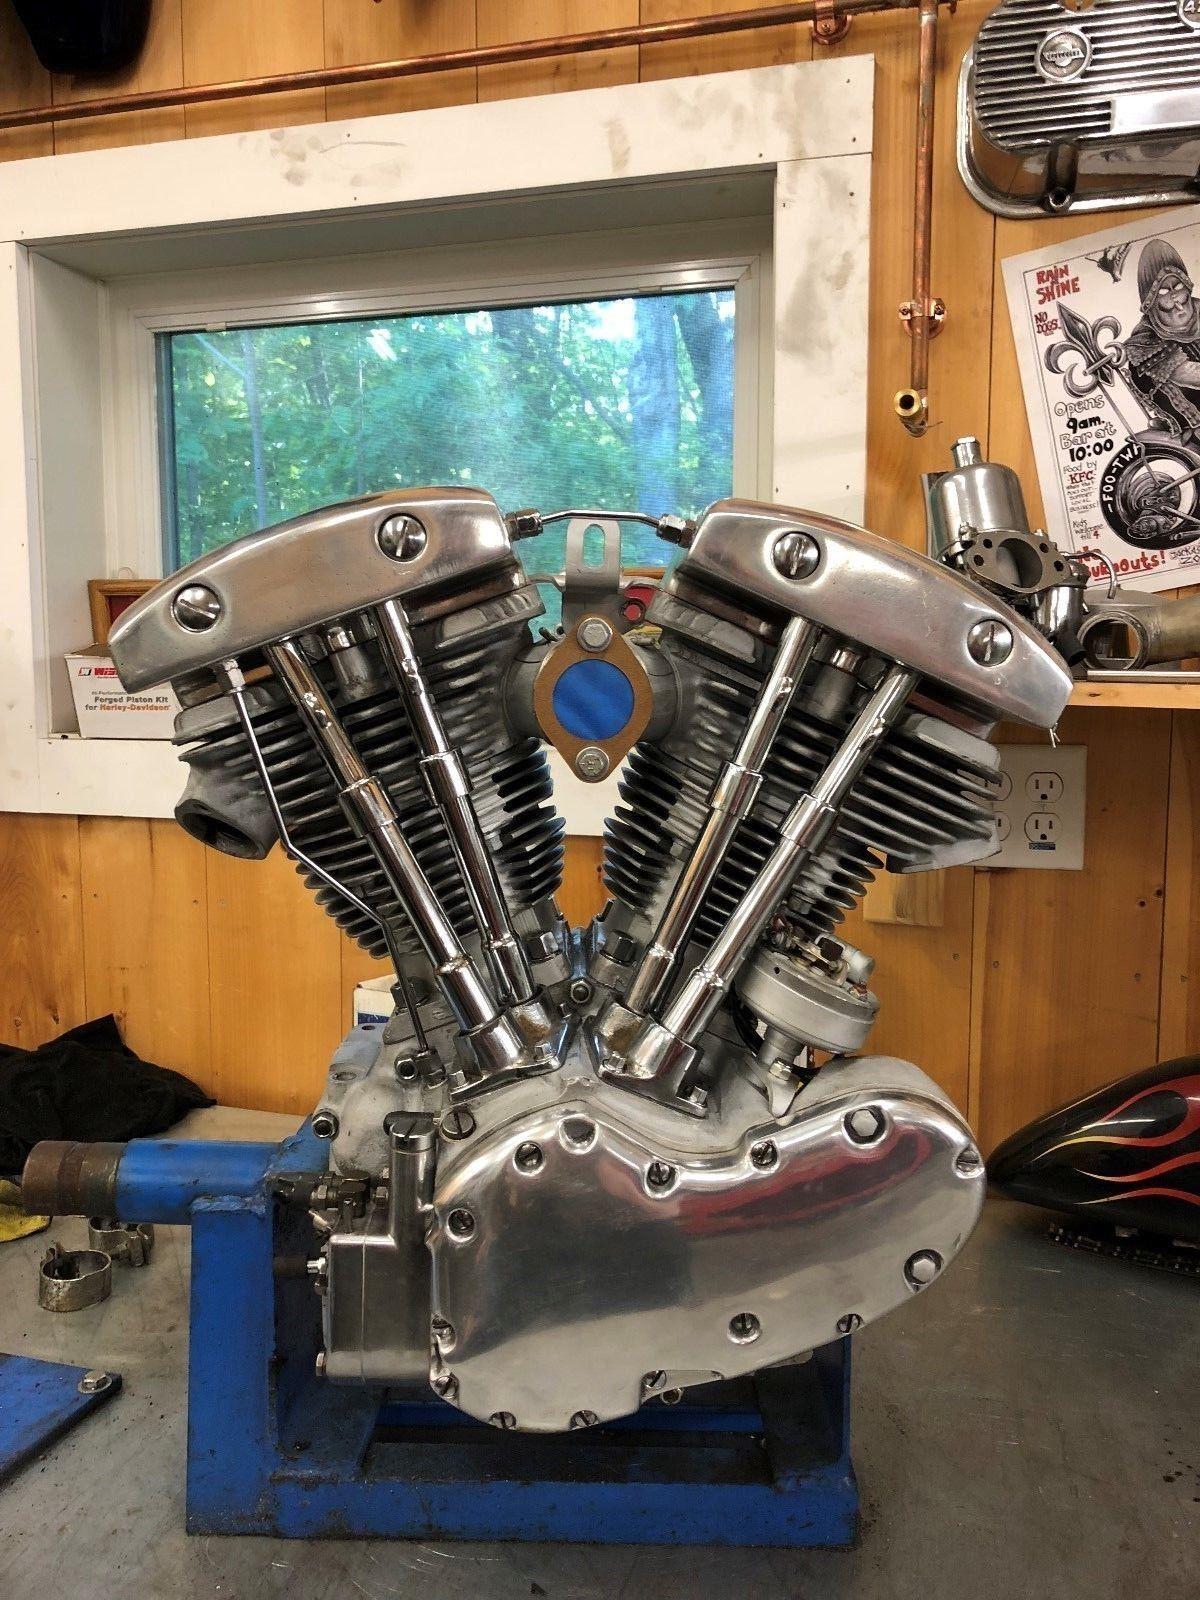 hight resolution of  harley 1968 harley davidson other 1968 flh engine slab side shovel chopper heaven rebuilt please retweet